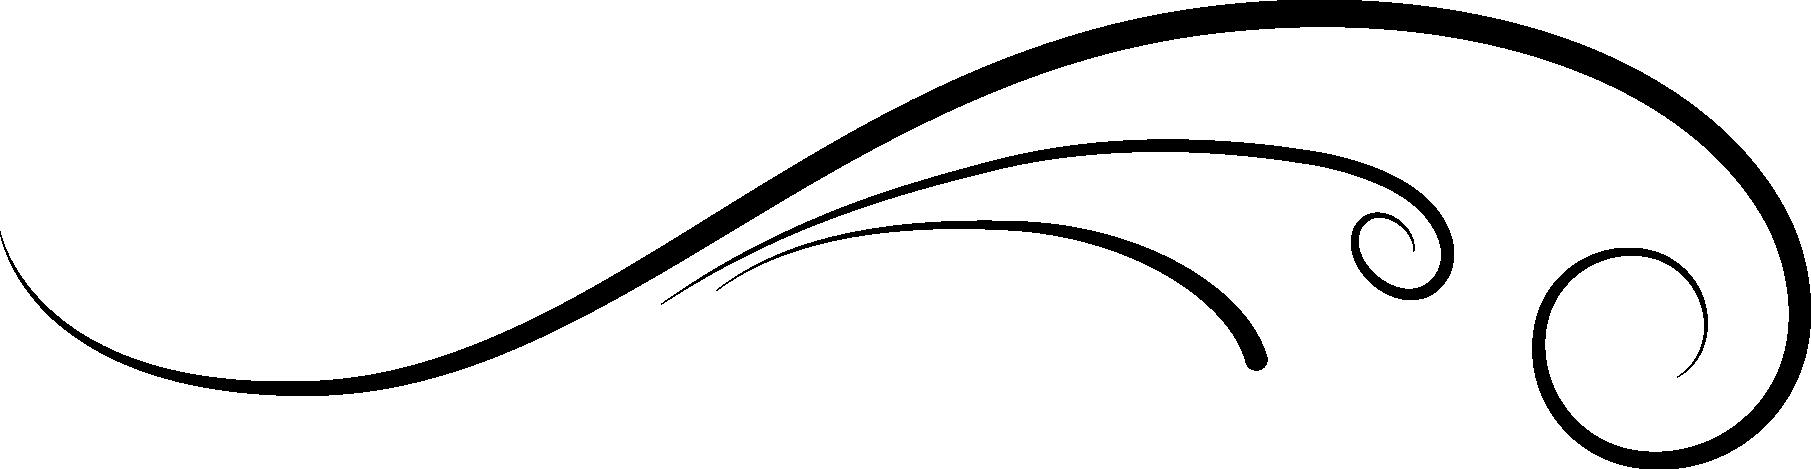 Swirl Line Design Clipart : Swirl clipart clipground